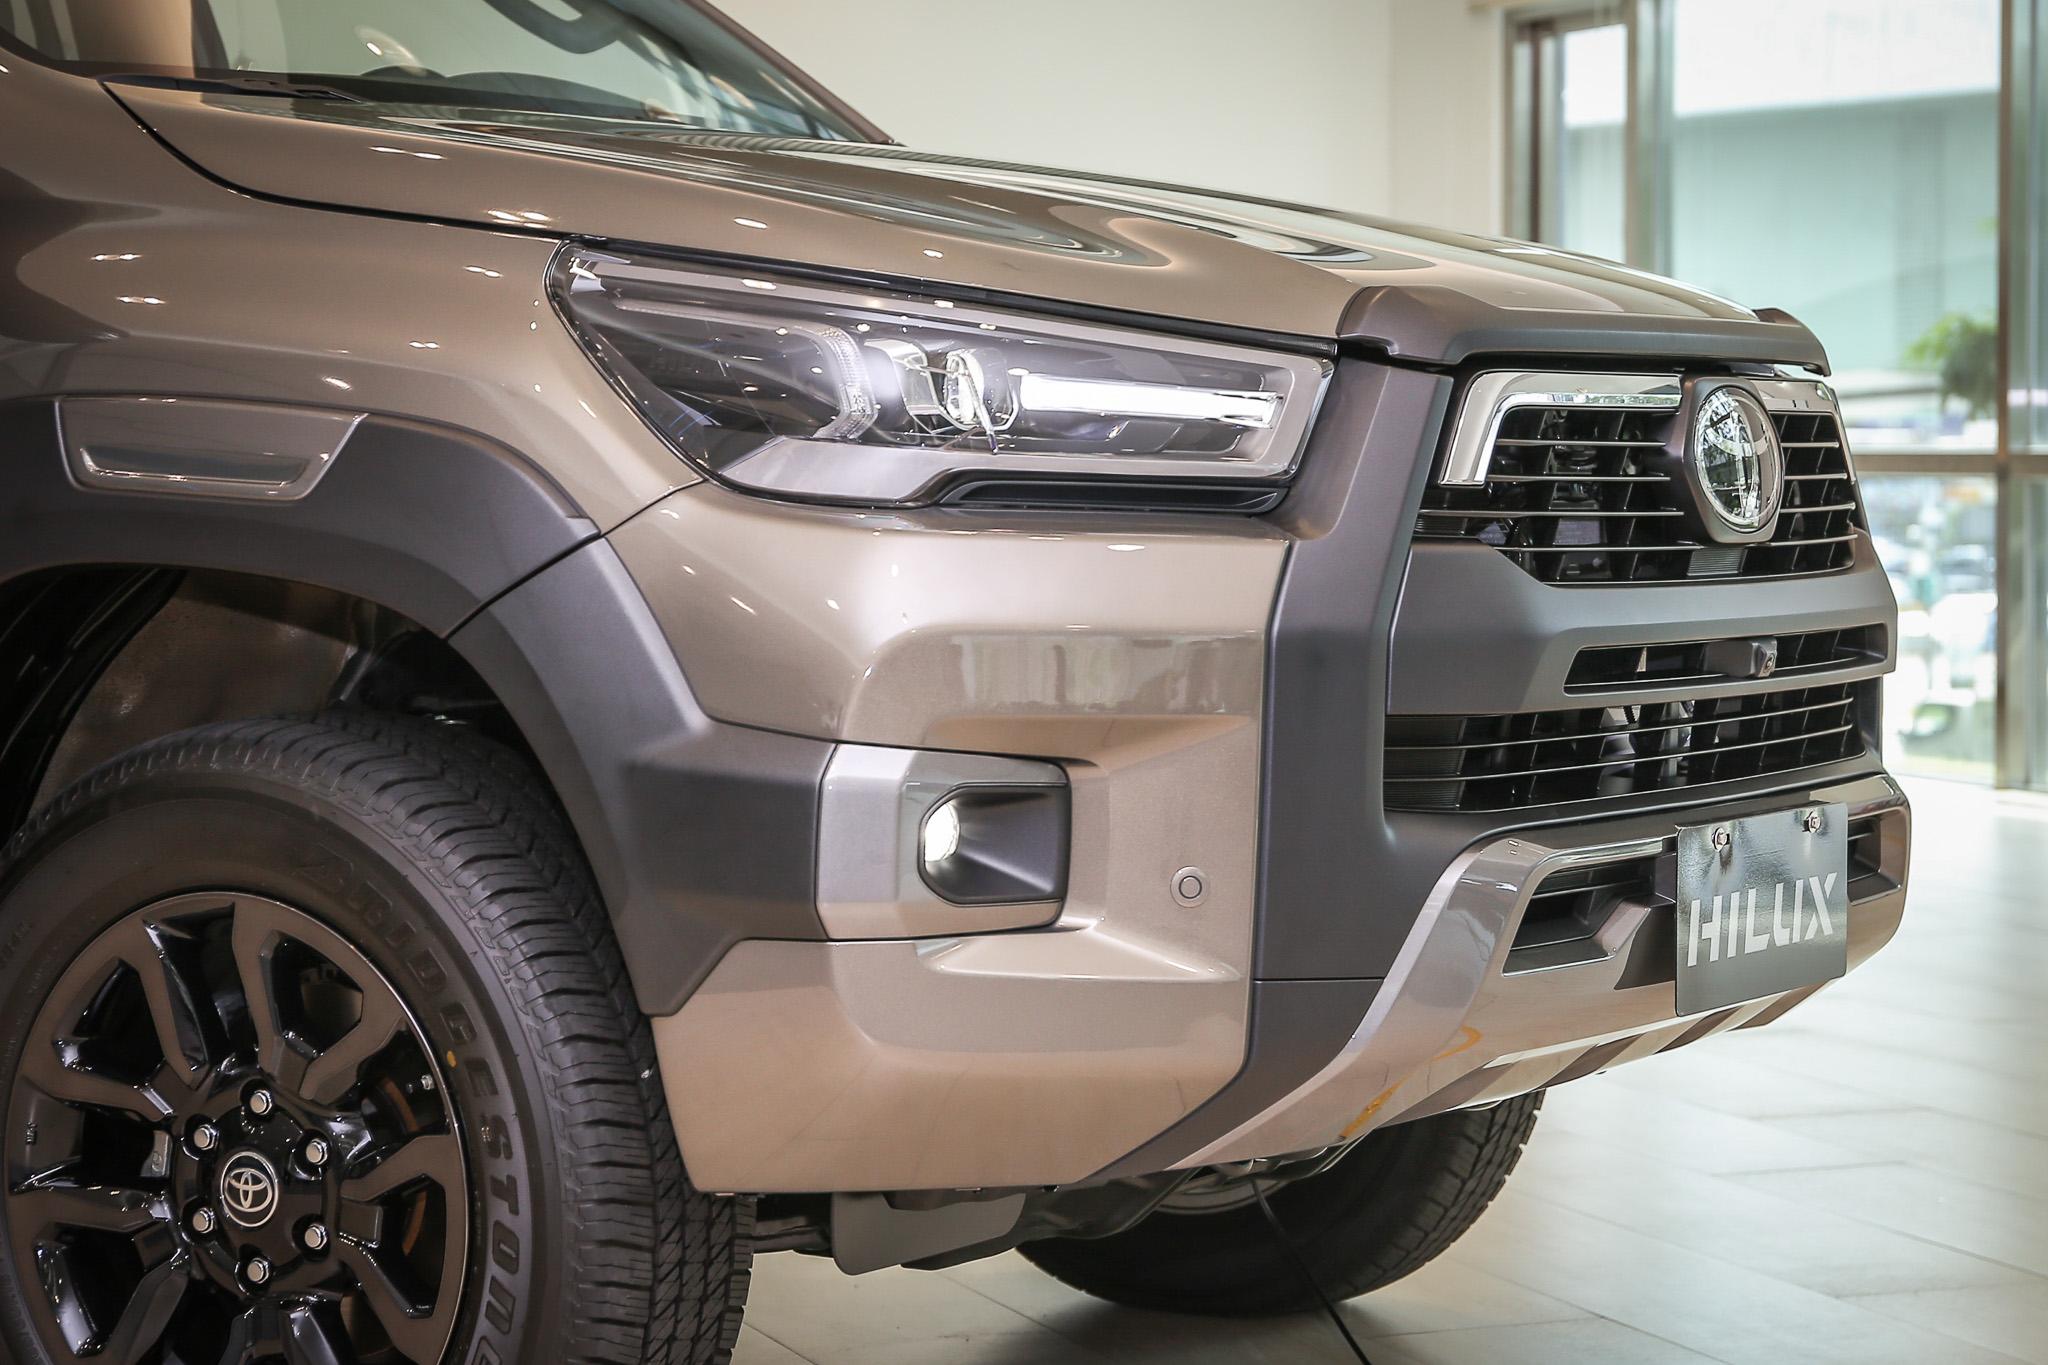 小改款 Hilux 車頭採用整合式進氣壩與水箱護罩設計,搭配大面積暗銀色下護板。